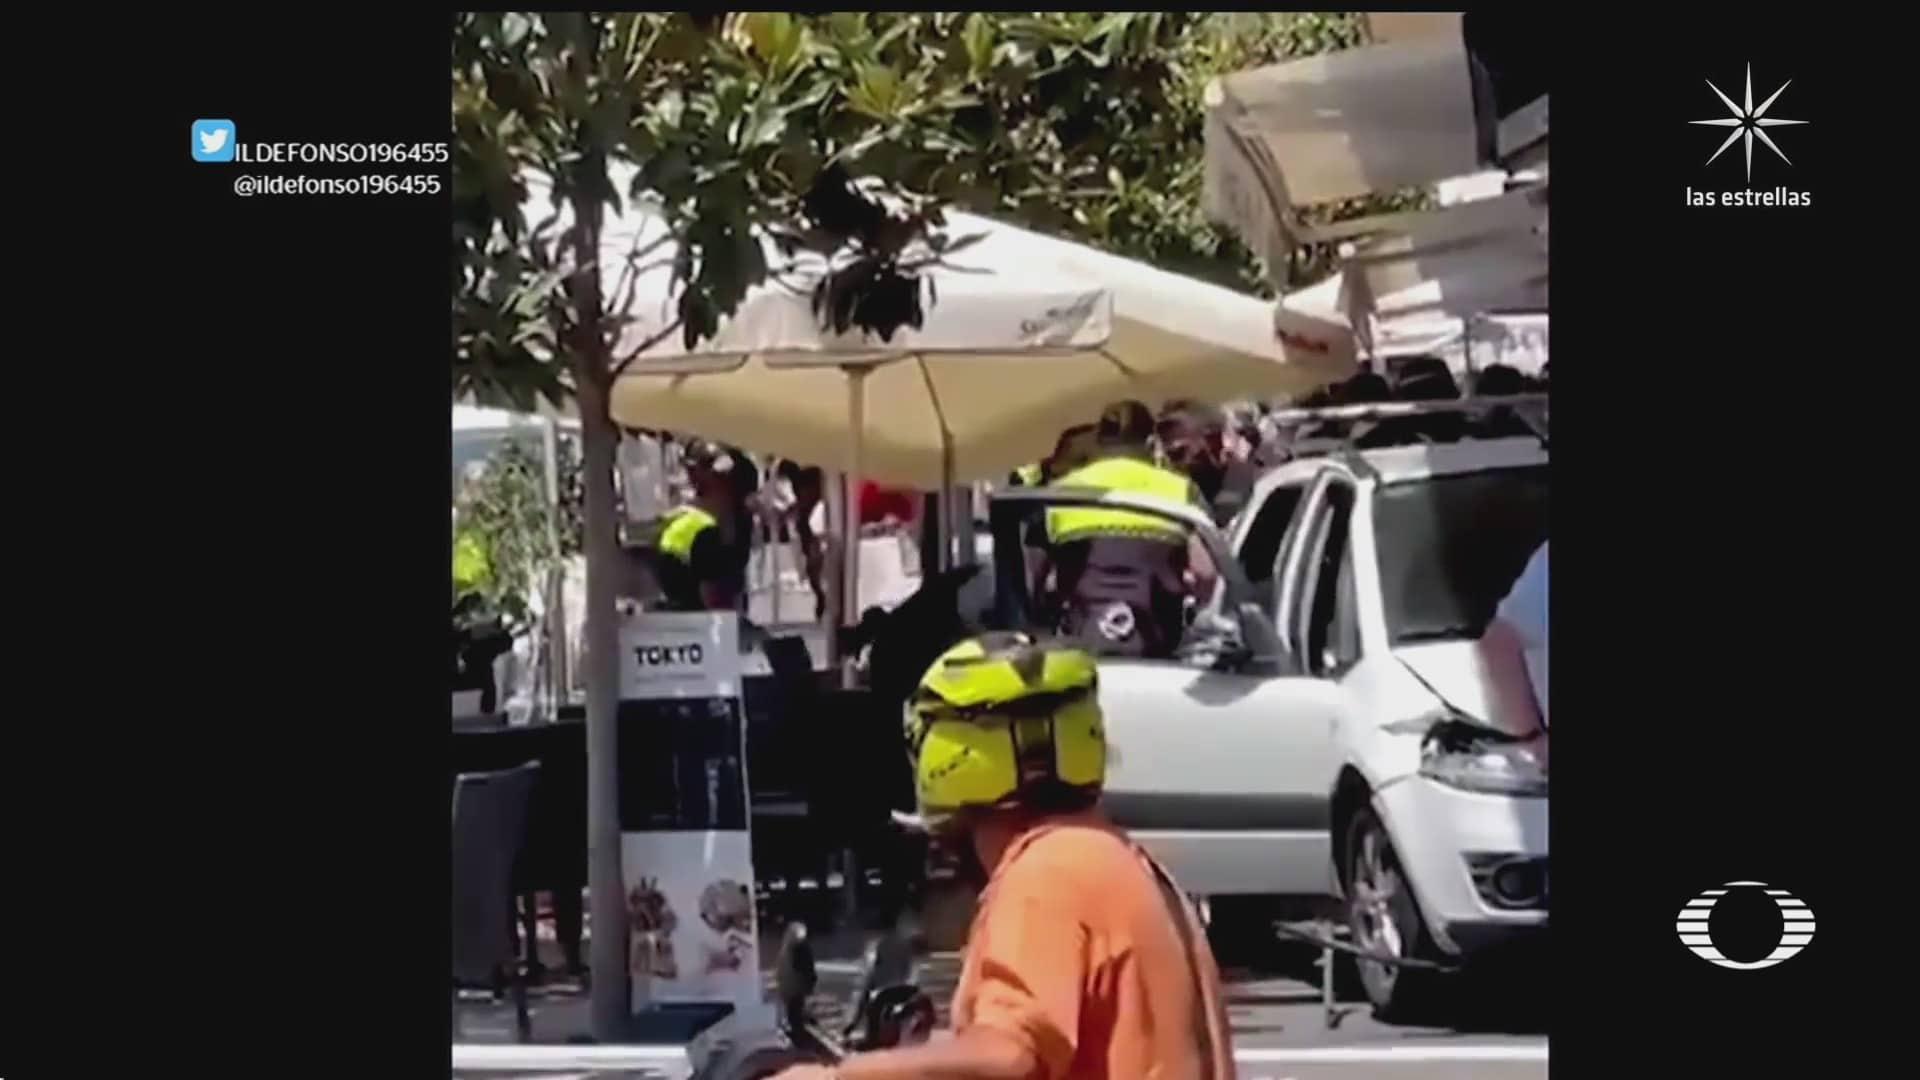 Atropellamiento en Marbella, España